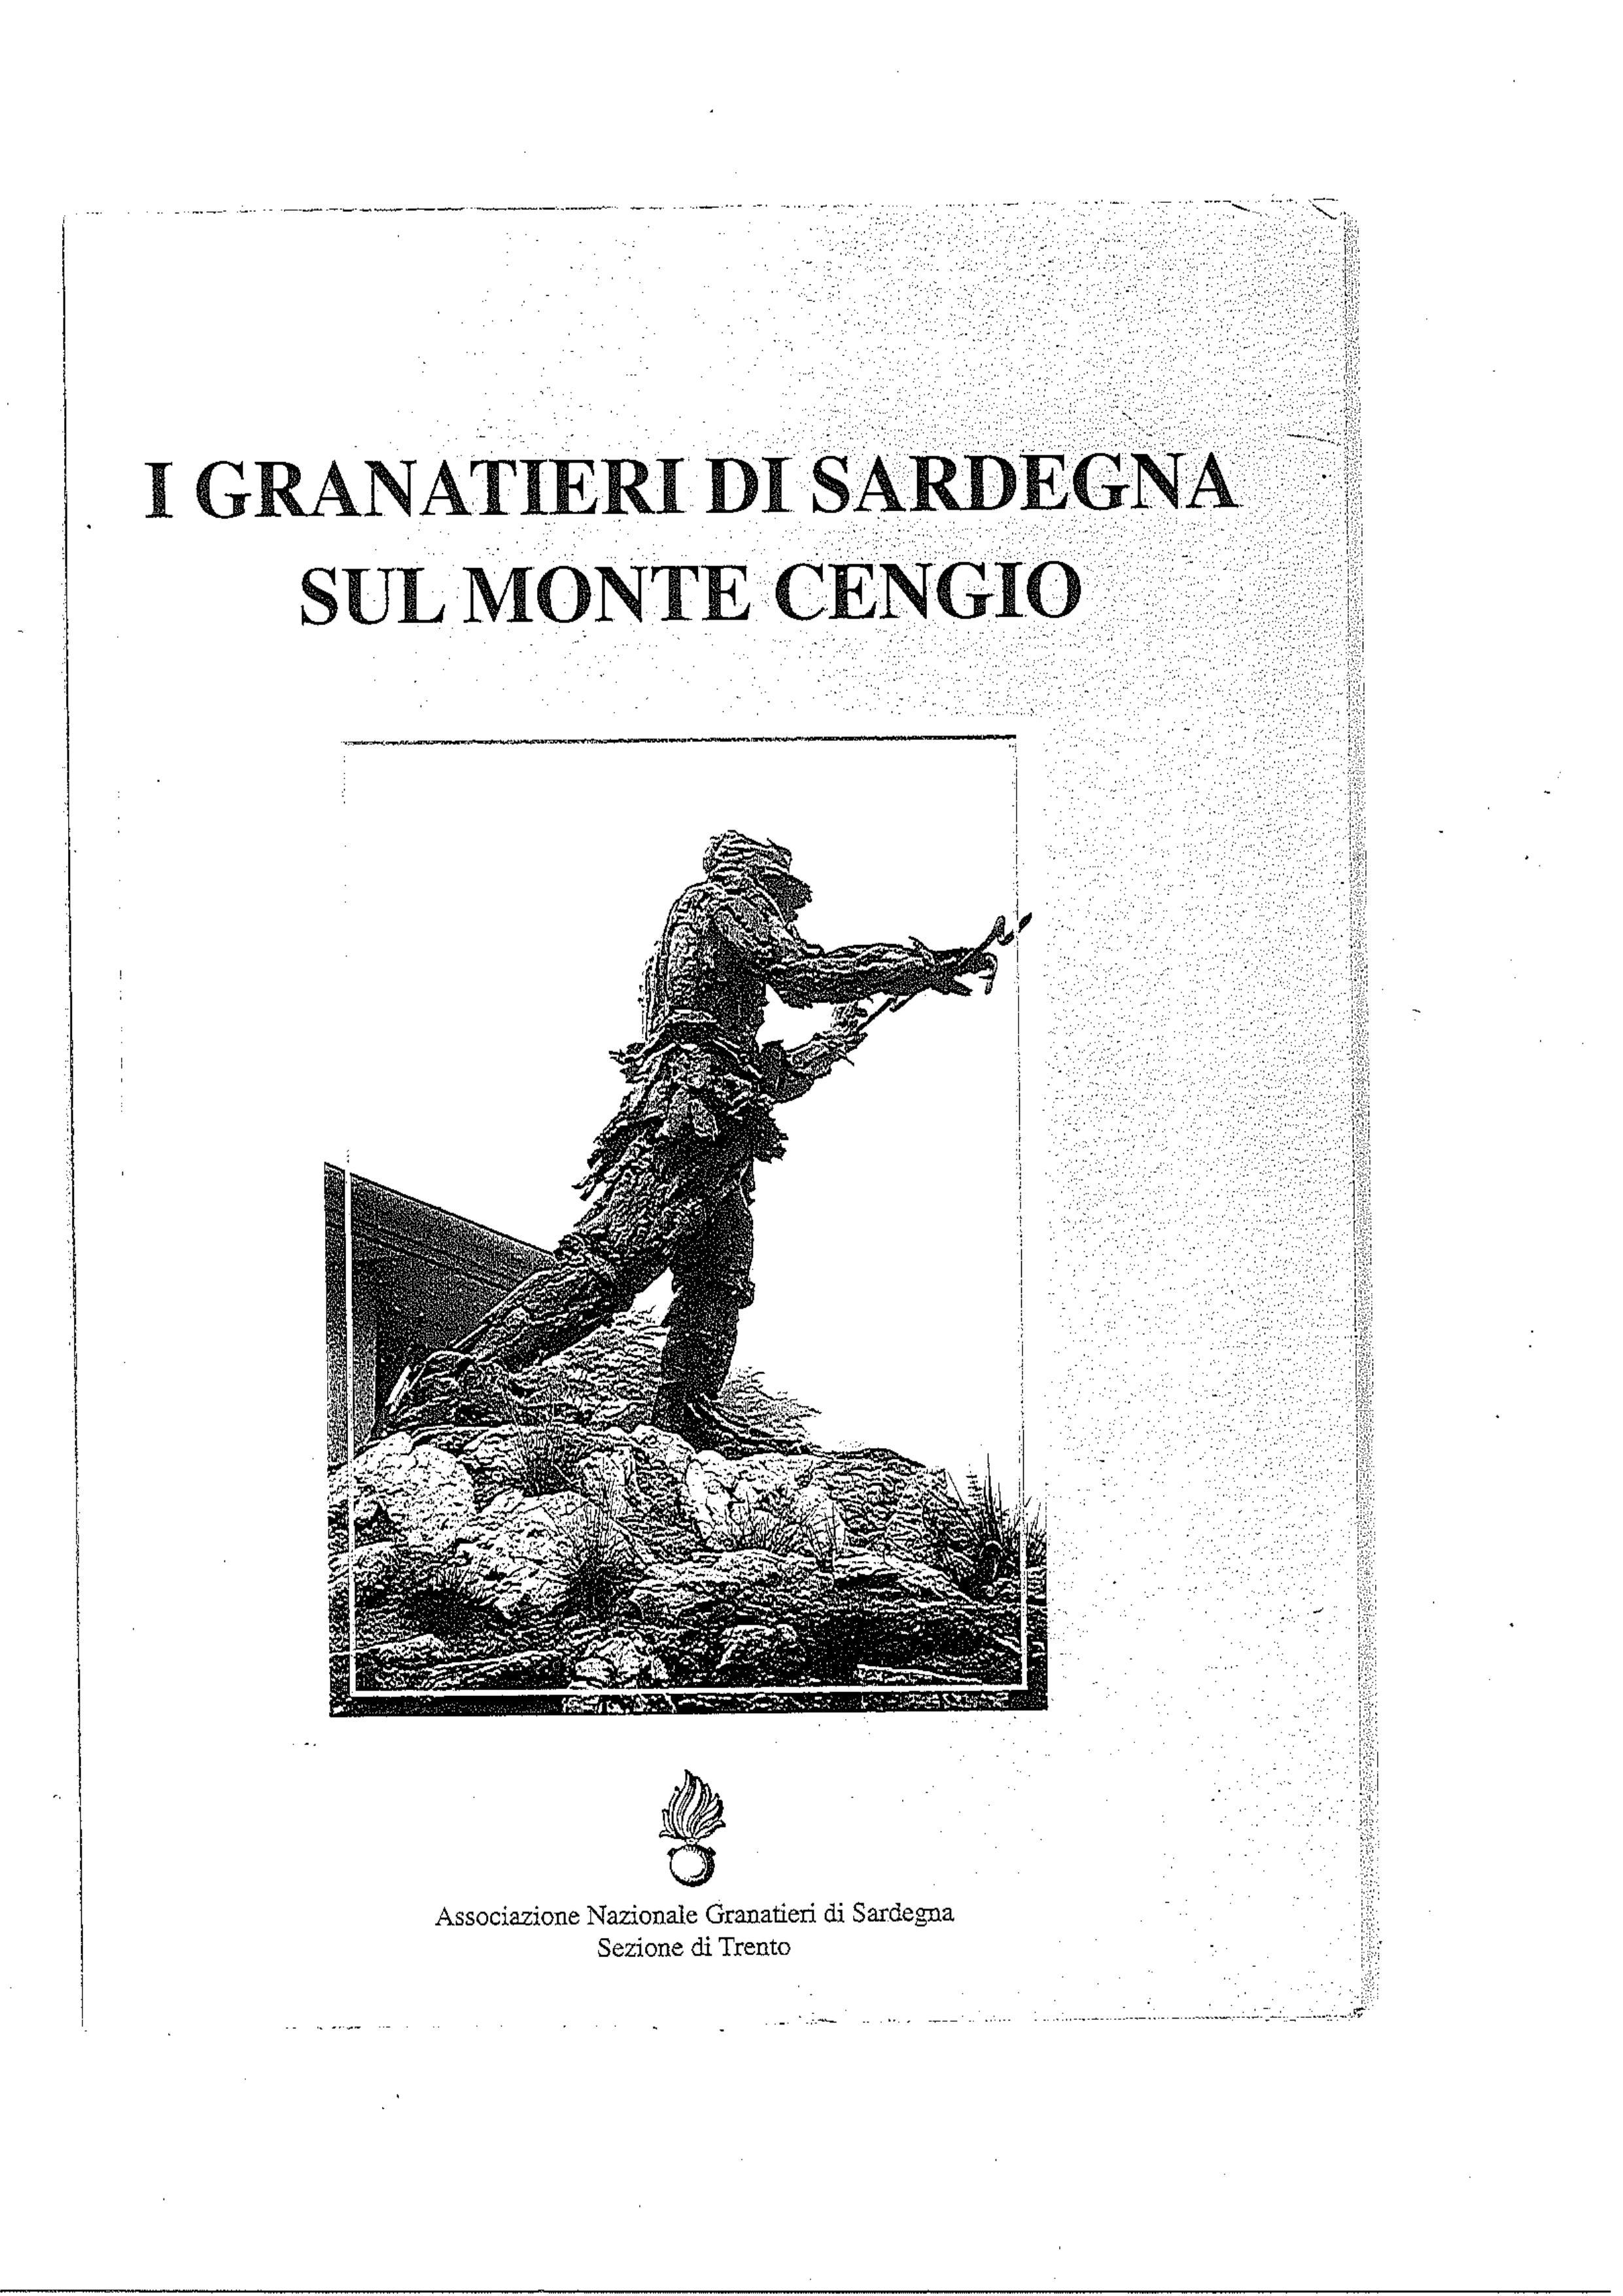 I Granatieri di Sardegna sul Monte Cengio